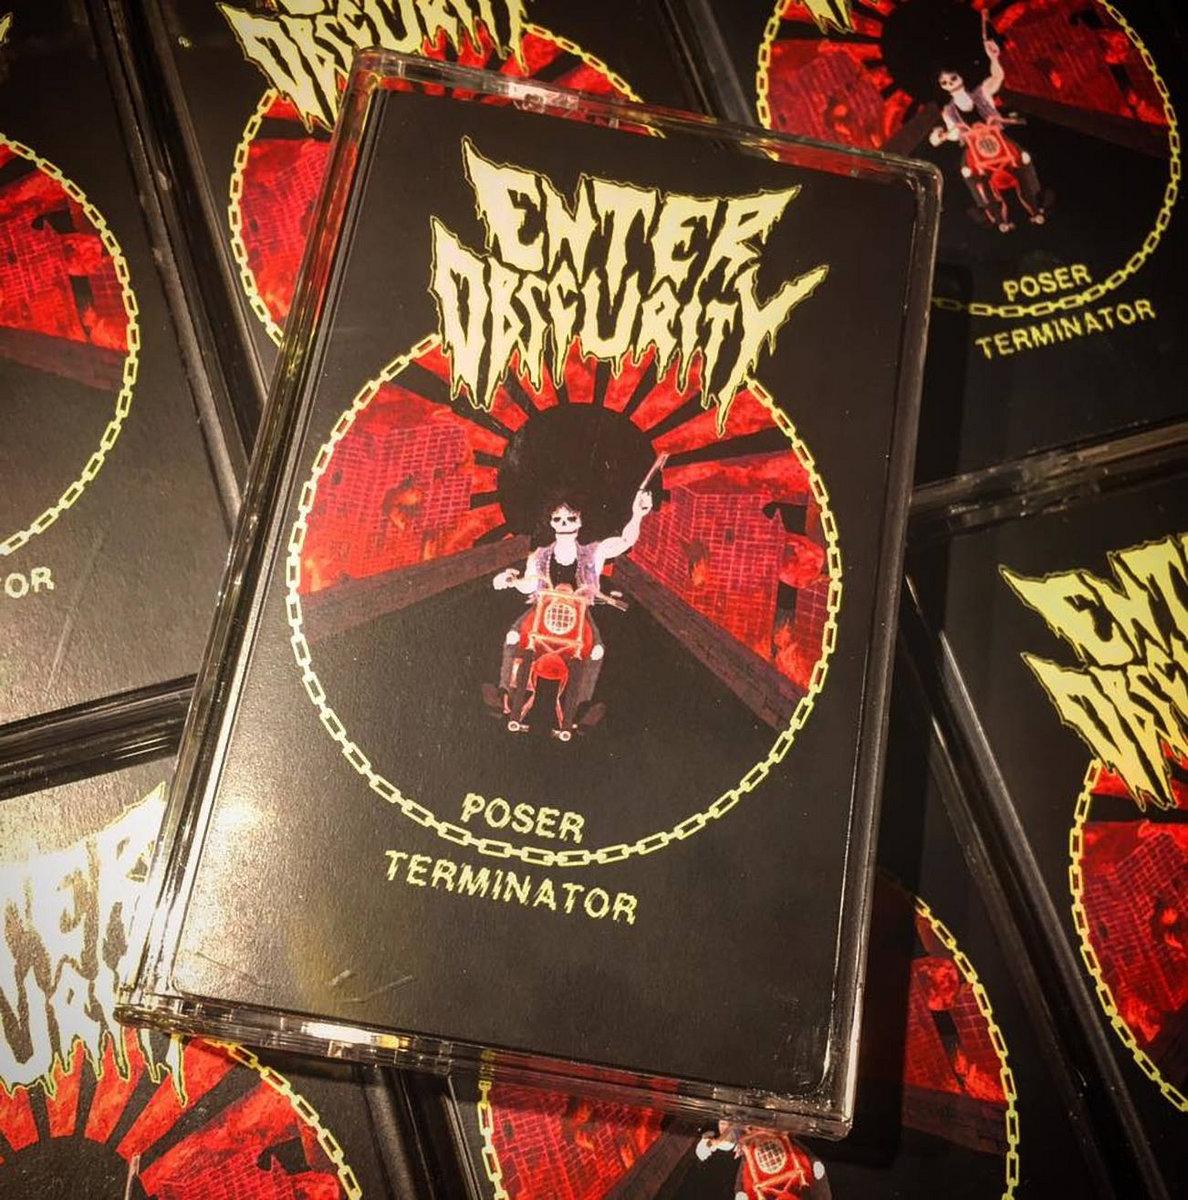 Poser Terminator   Enter Obscurity